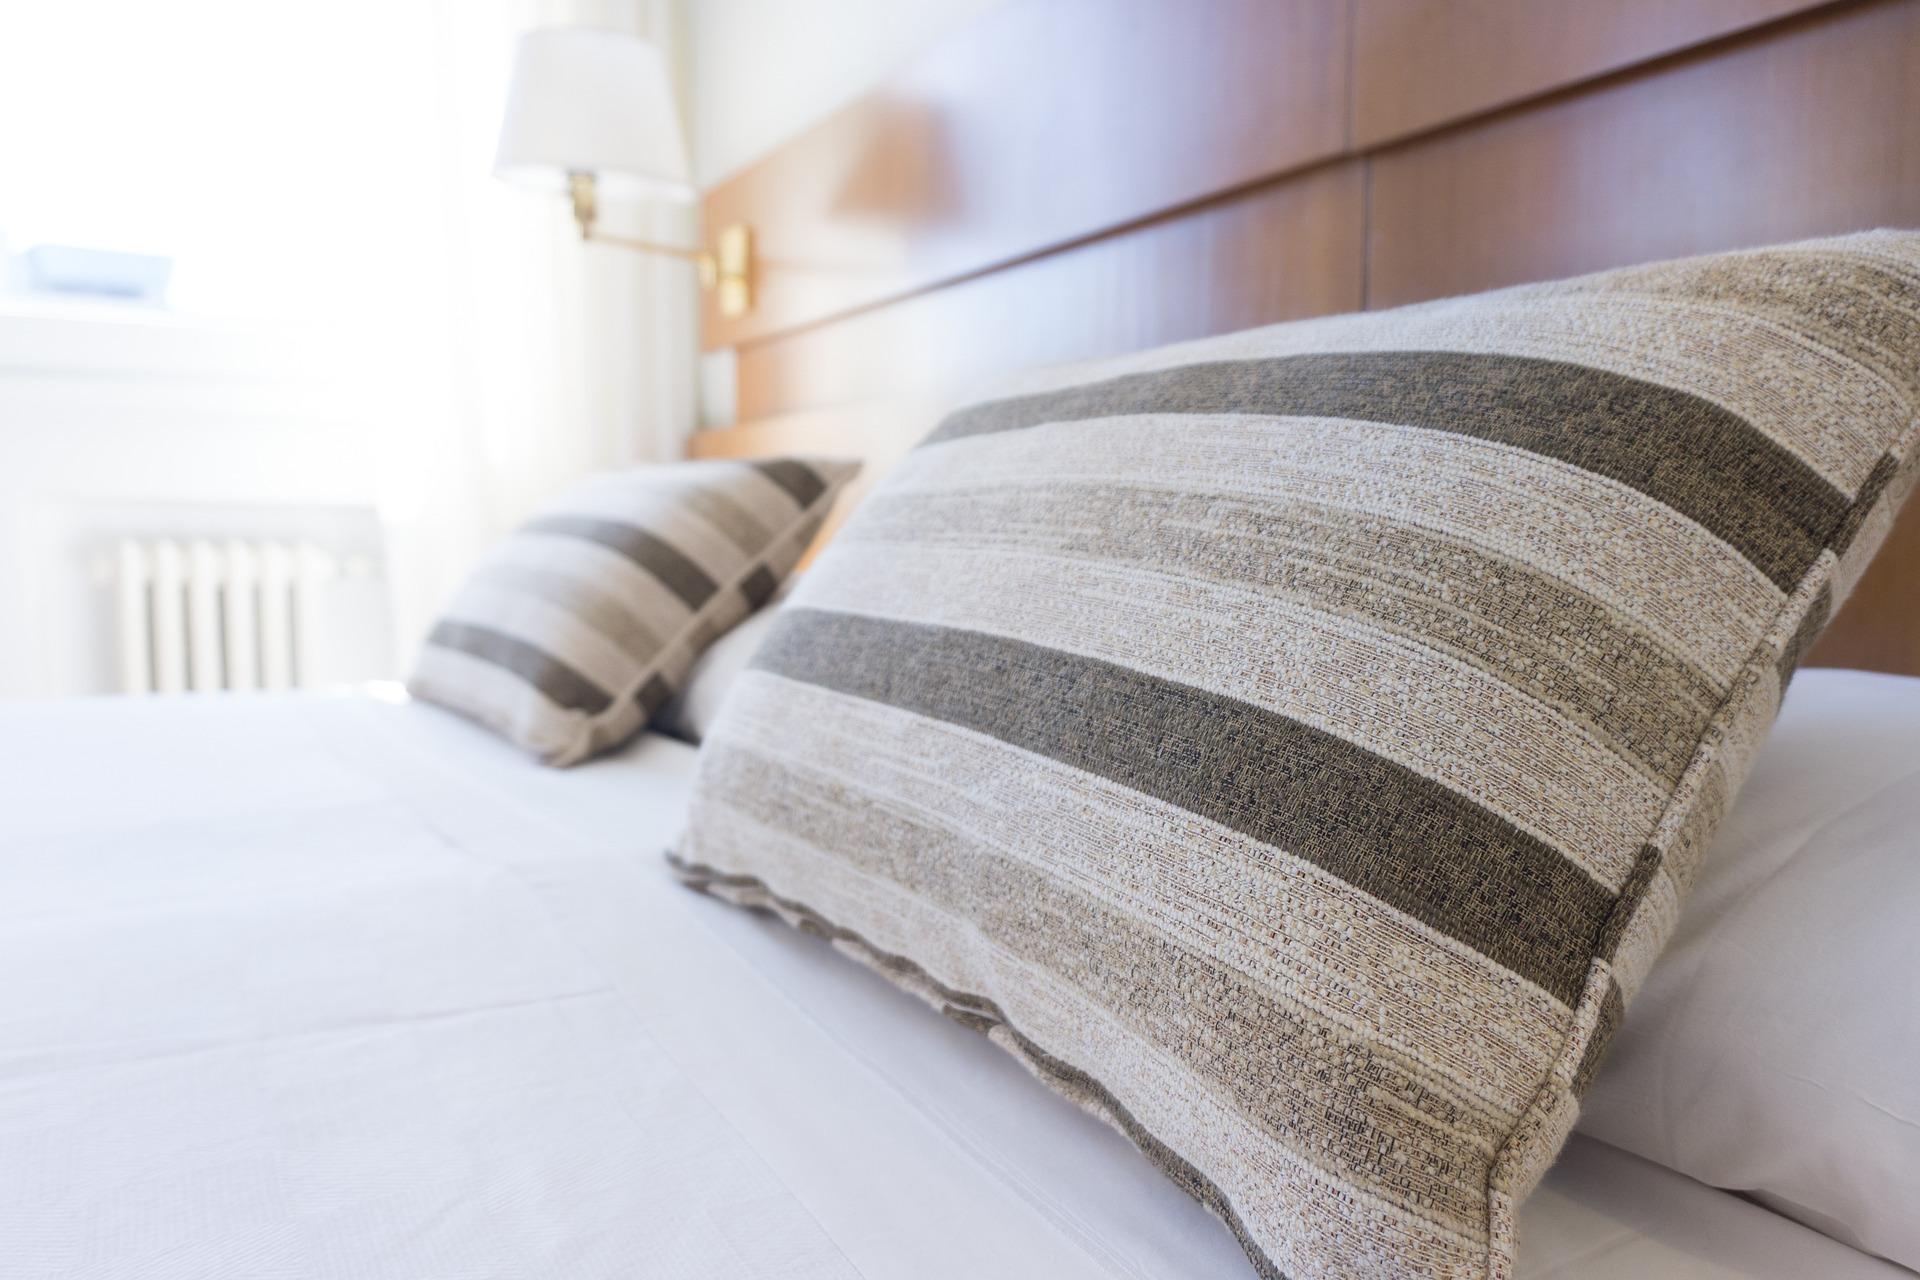 Matratzenkauf: Latex, Kaltschaum oder Federkern auf konsumguerilla.net